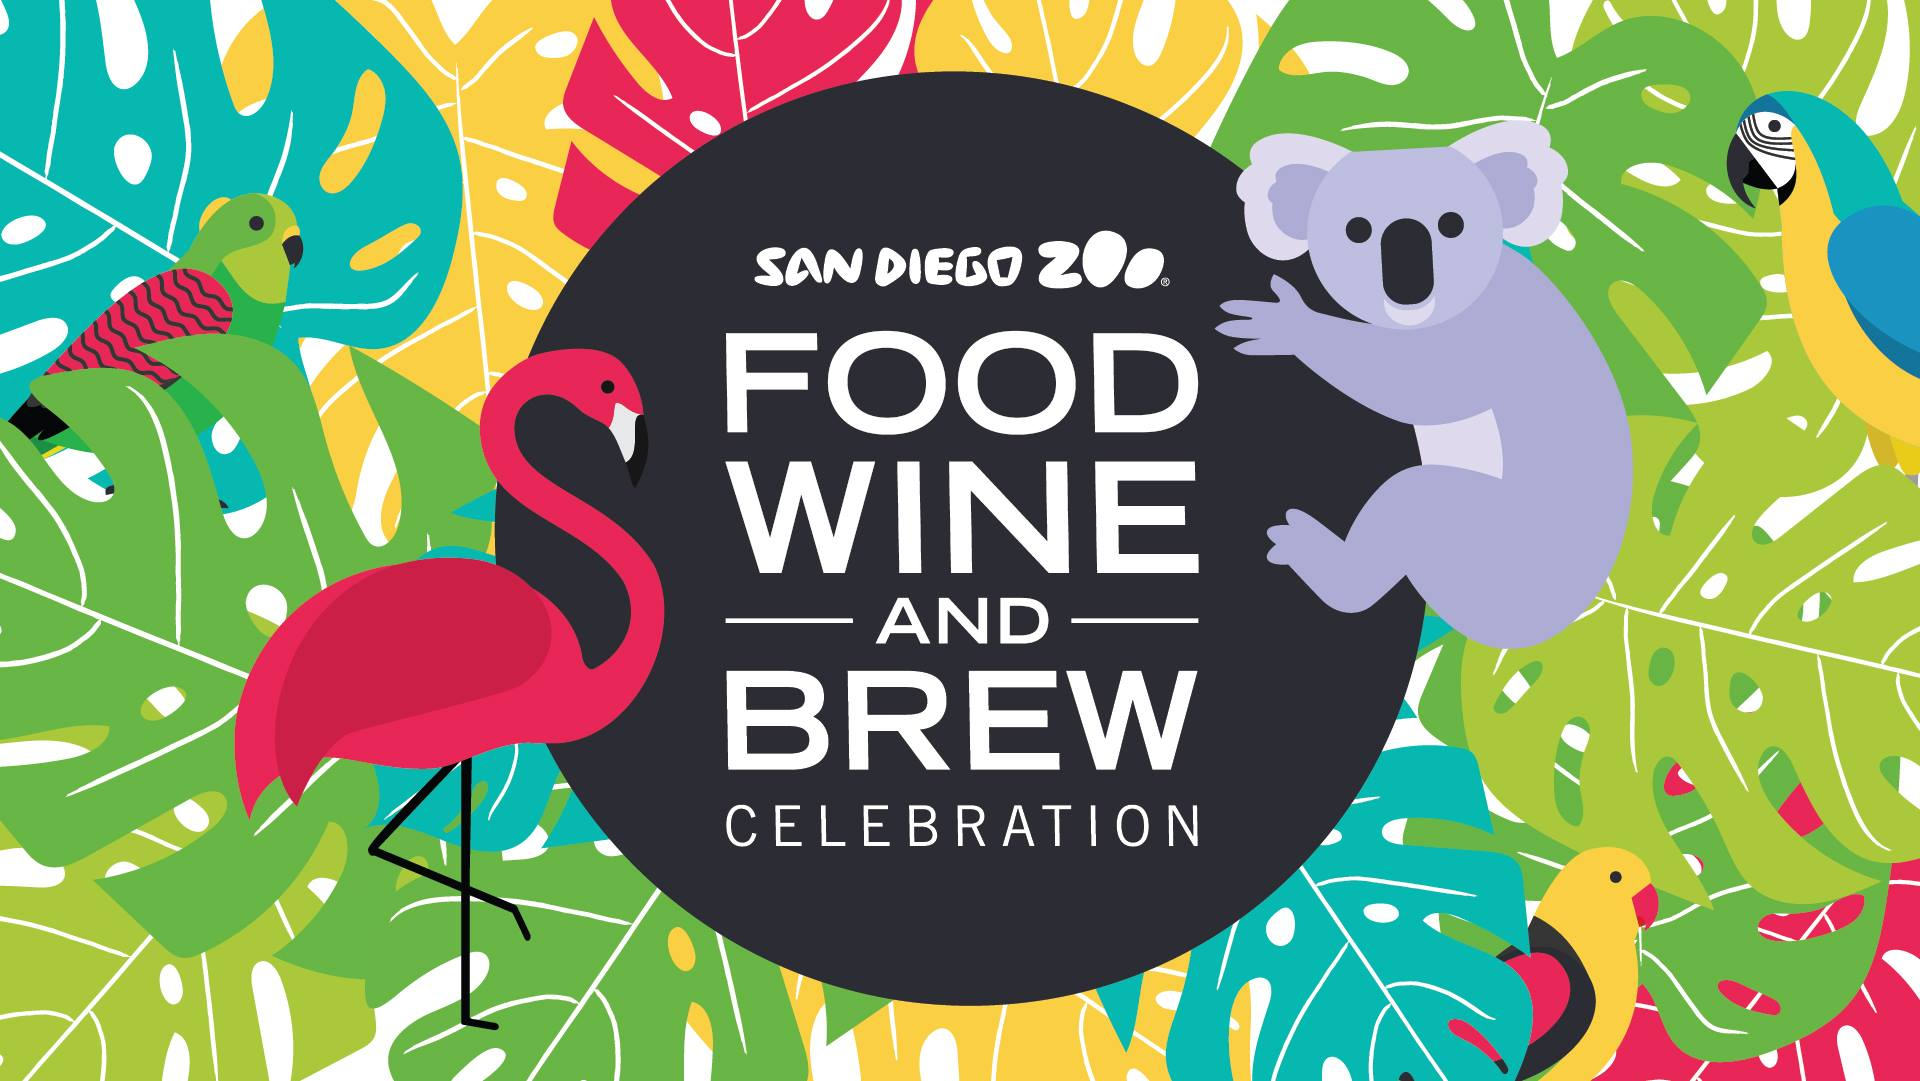 San Diego Food, Wine, and Brew Celebrations